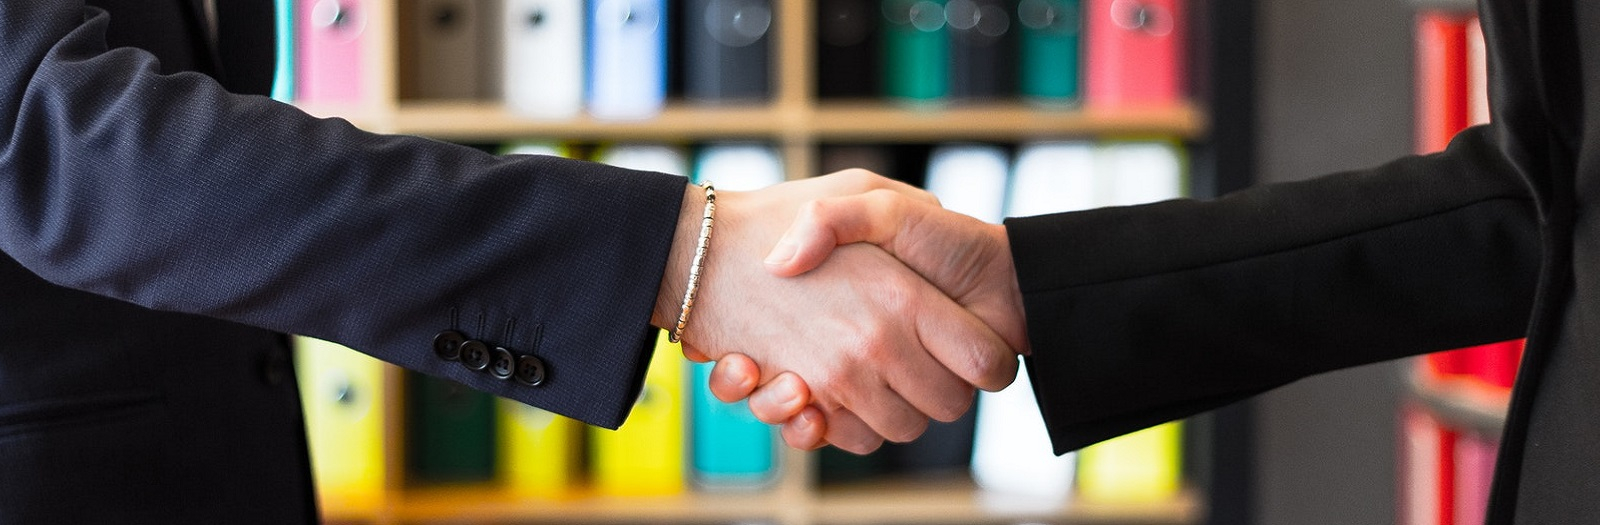 ALLSAFE Mini Opslag in gesprek met Groothuis Bouwgroep: een Succesformule